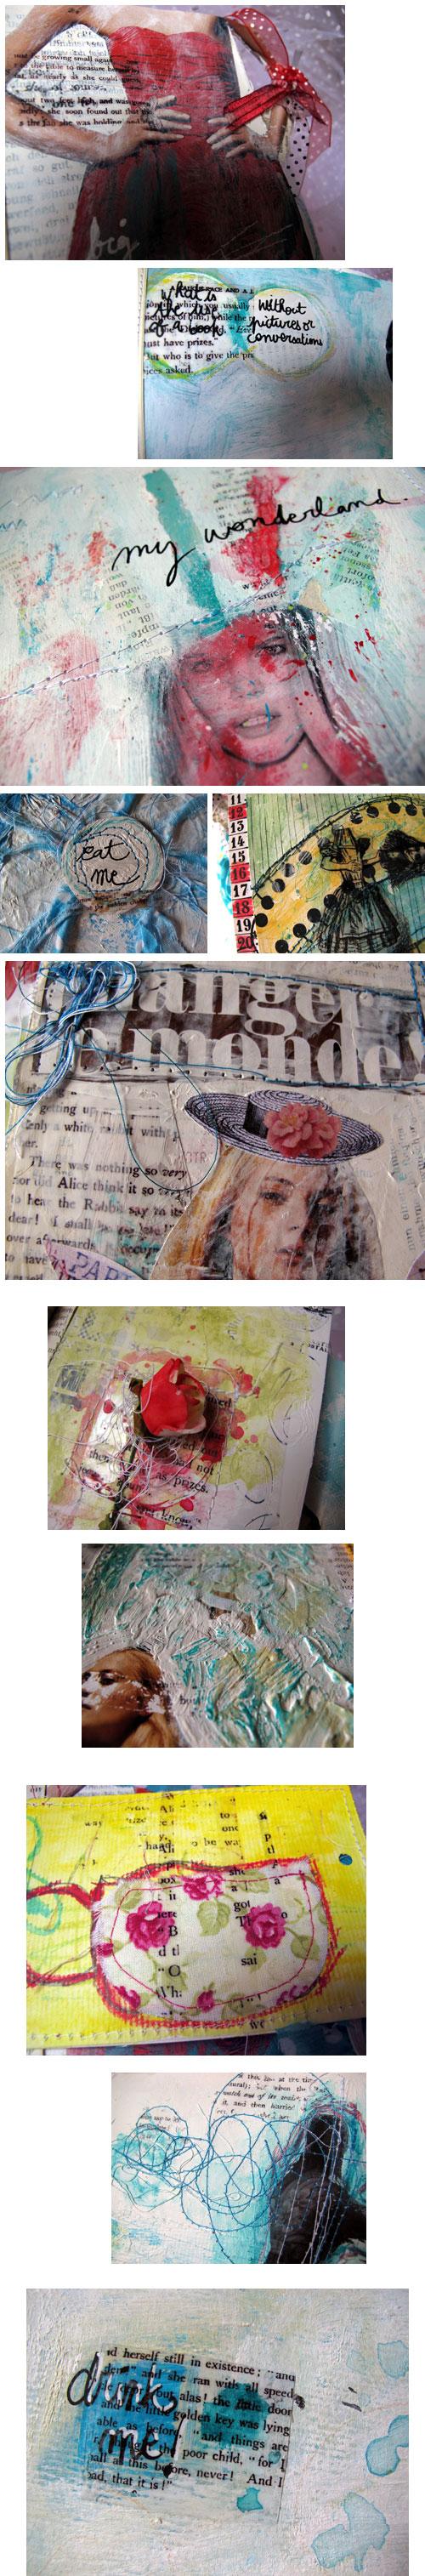 Alice journal (détails)